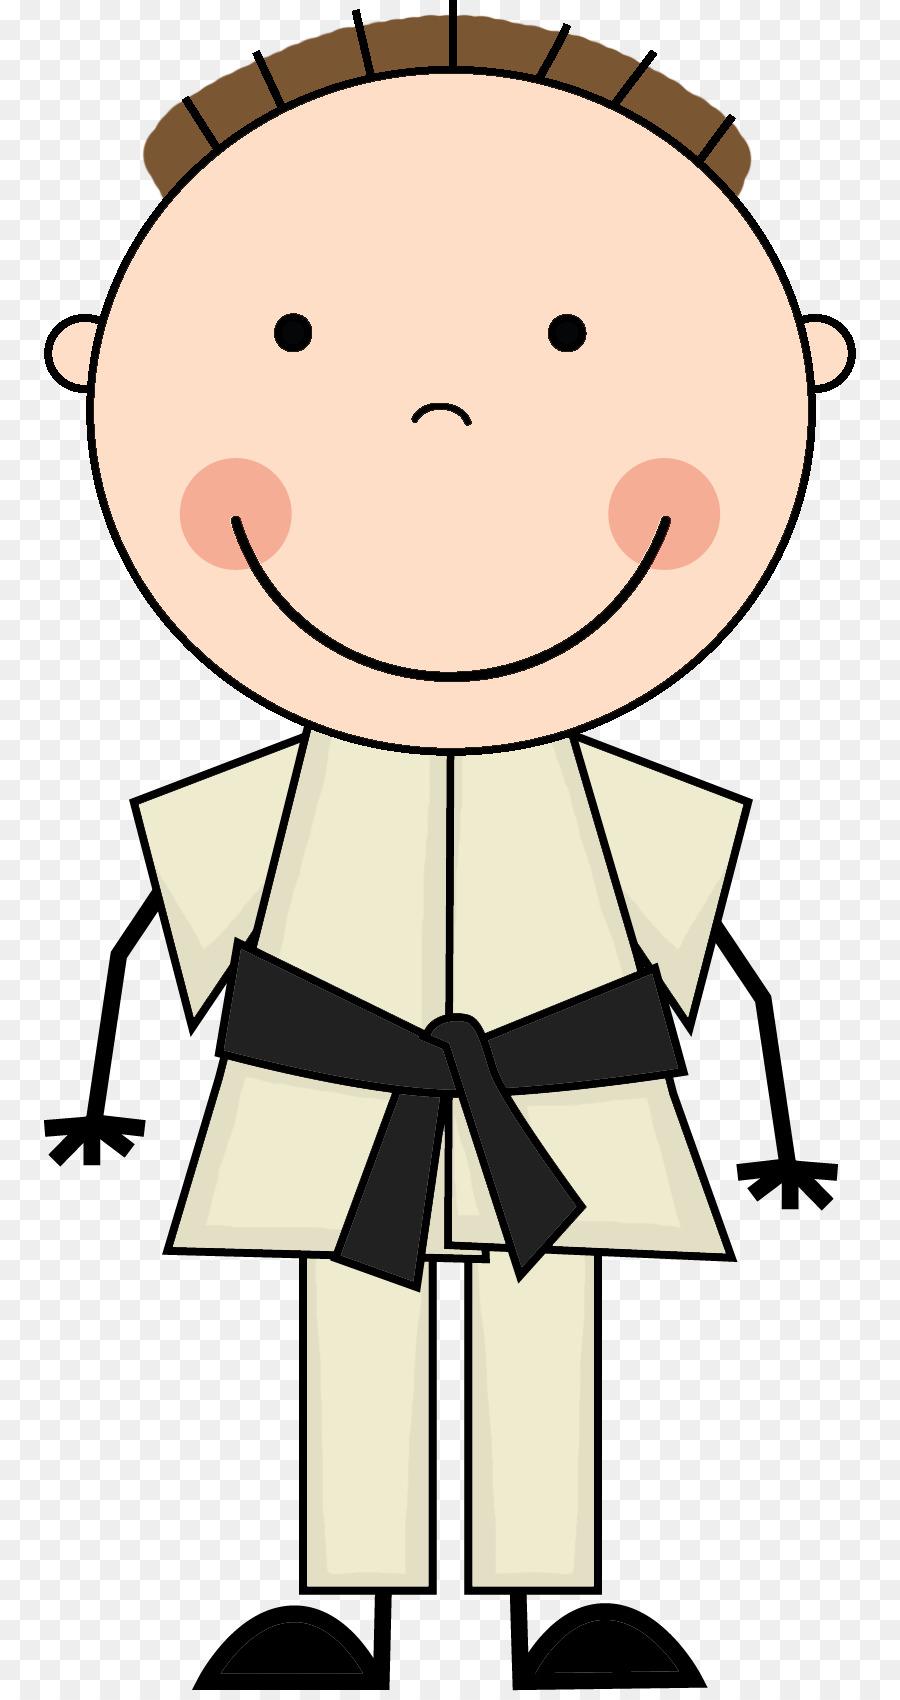 900x1700 The Karate Kid Clip Art